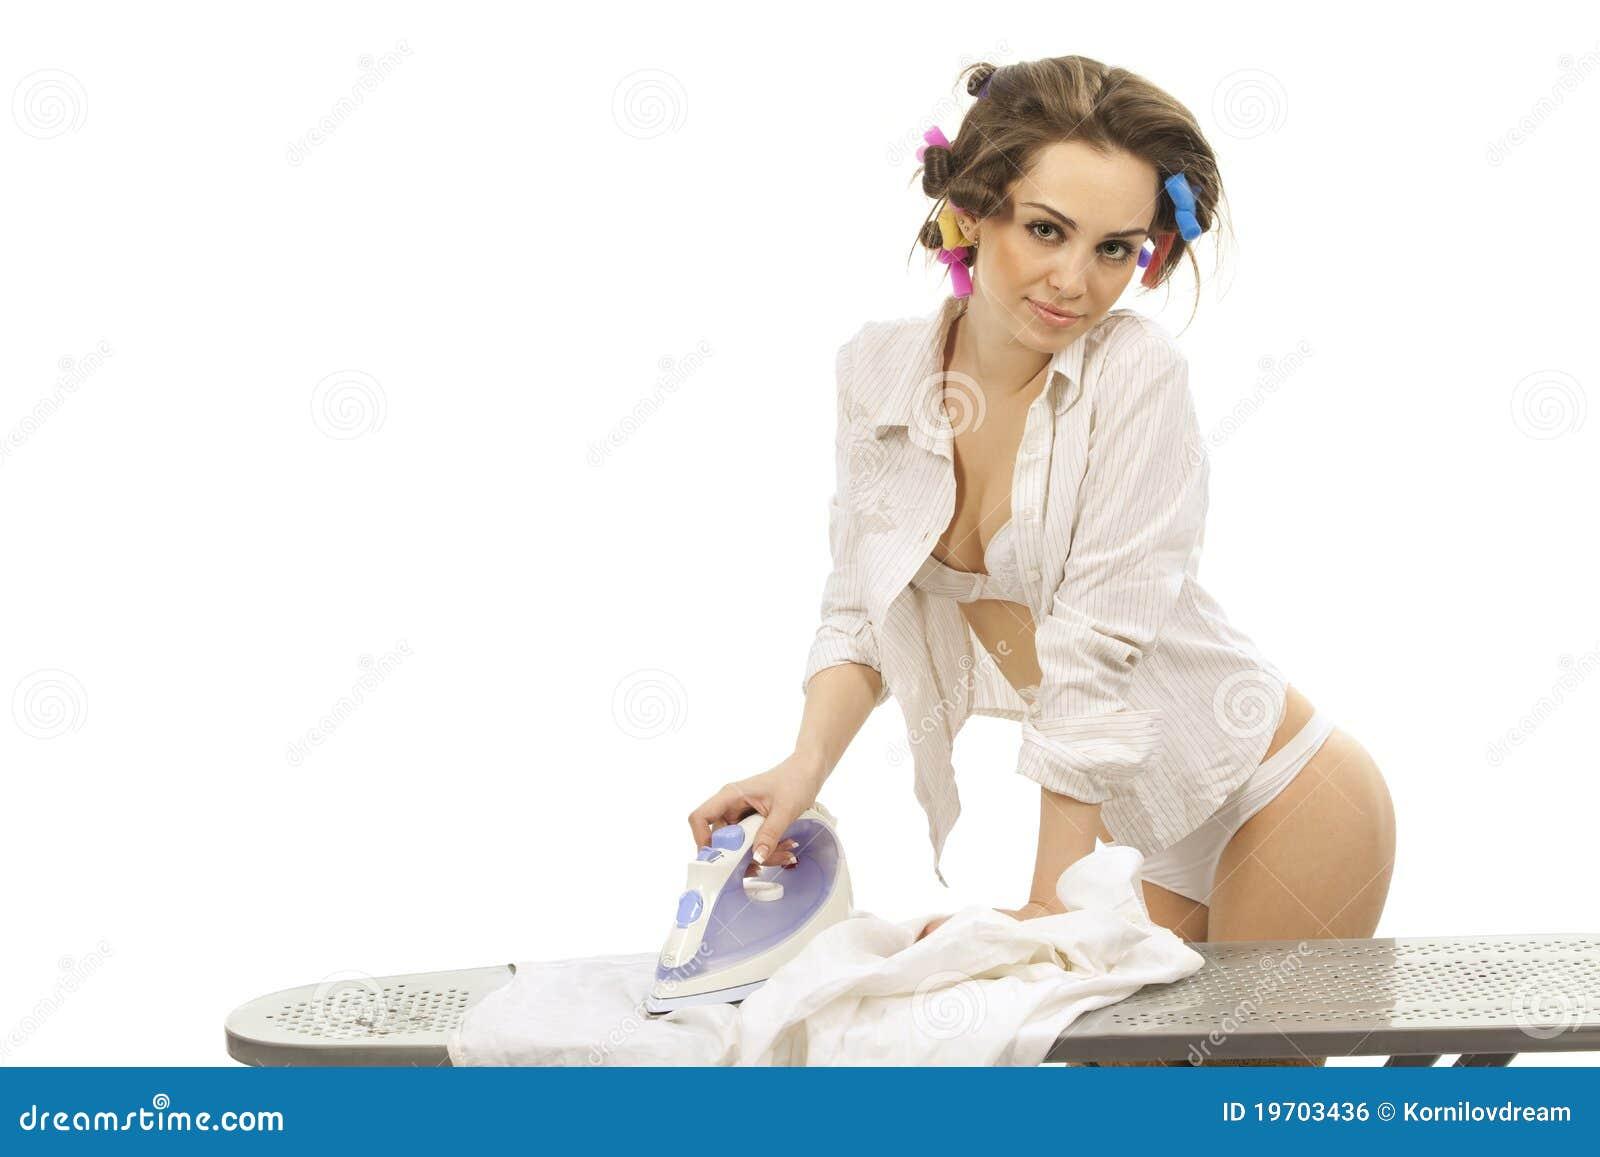 ironing sexy